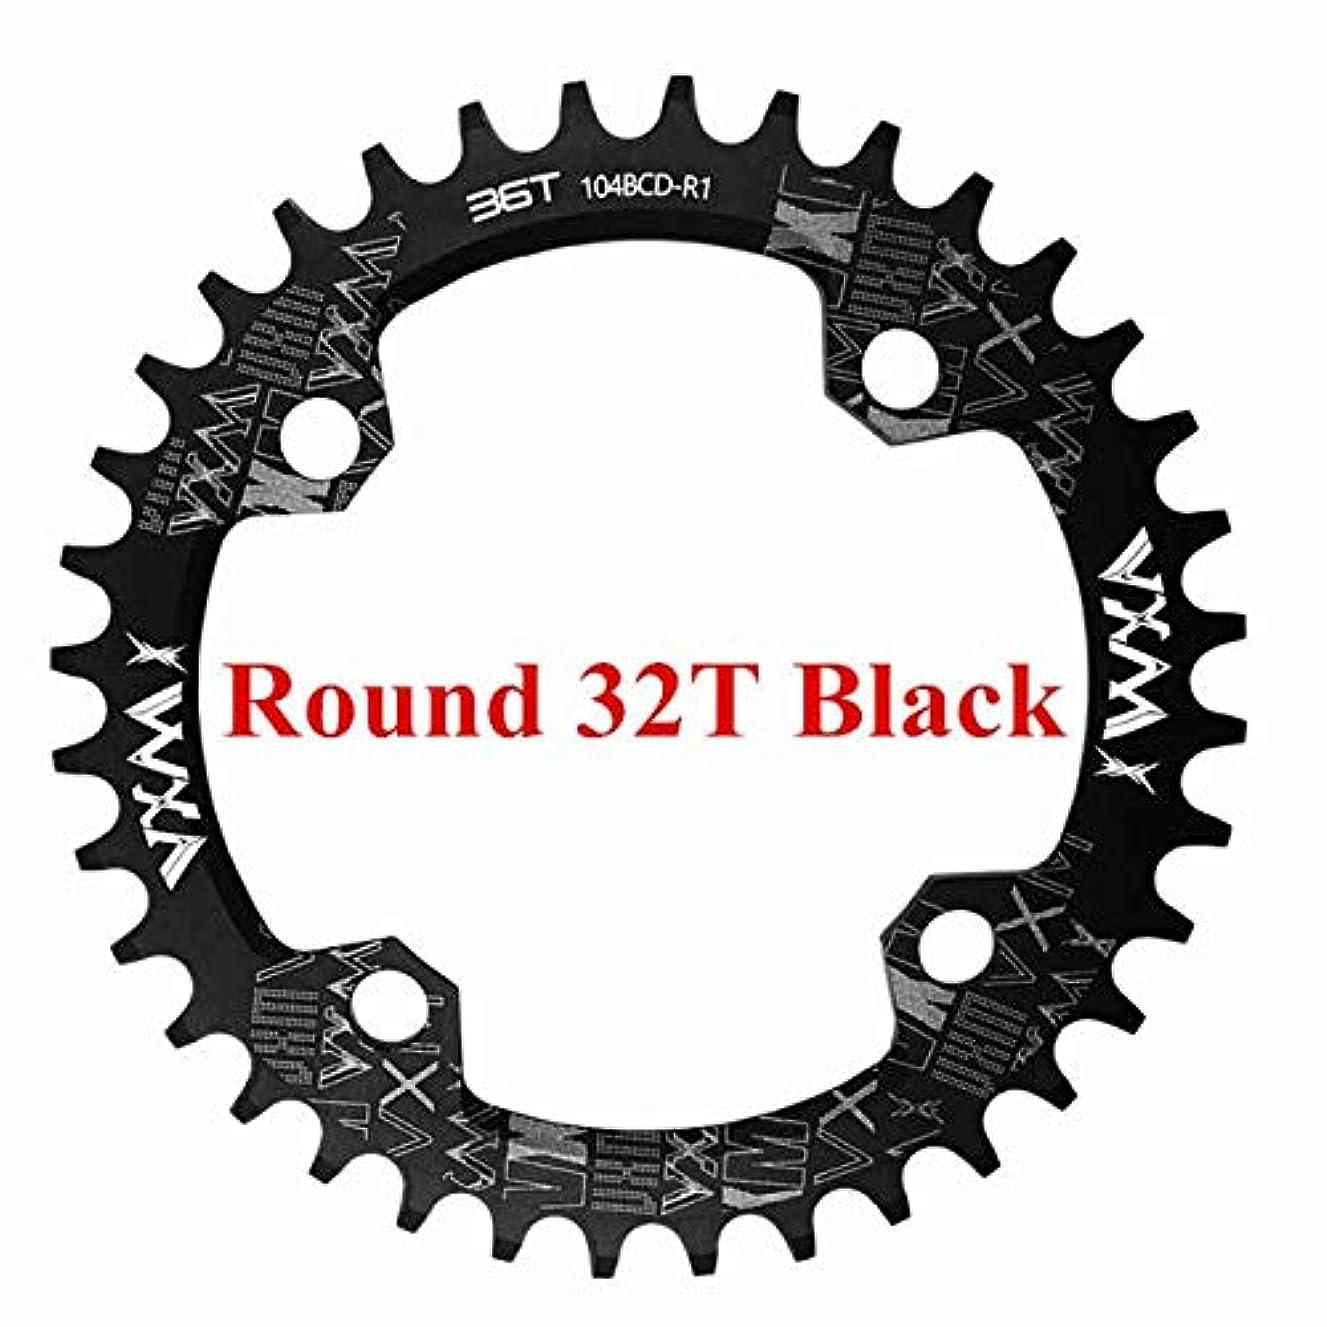 ポップサドル写真を撮るPropenary - 自転車104BCDクランクオーバルラウンド30T 32T 34T 36T 38T 40T 42T 44T 46T 48T 50T 52TチェーンホイールXT狭い広い自転車チェーンリング[ラウンド32Tブラック]